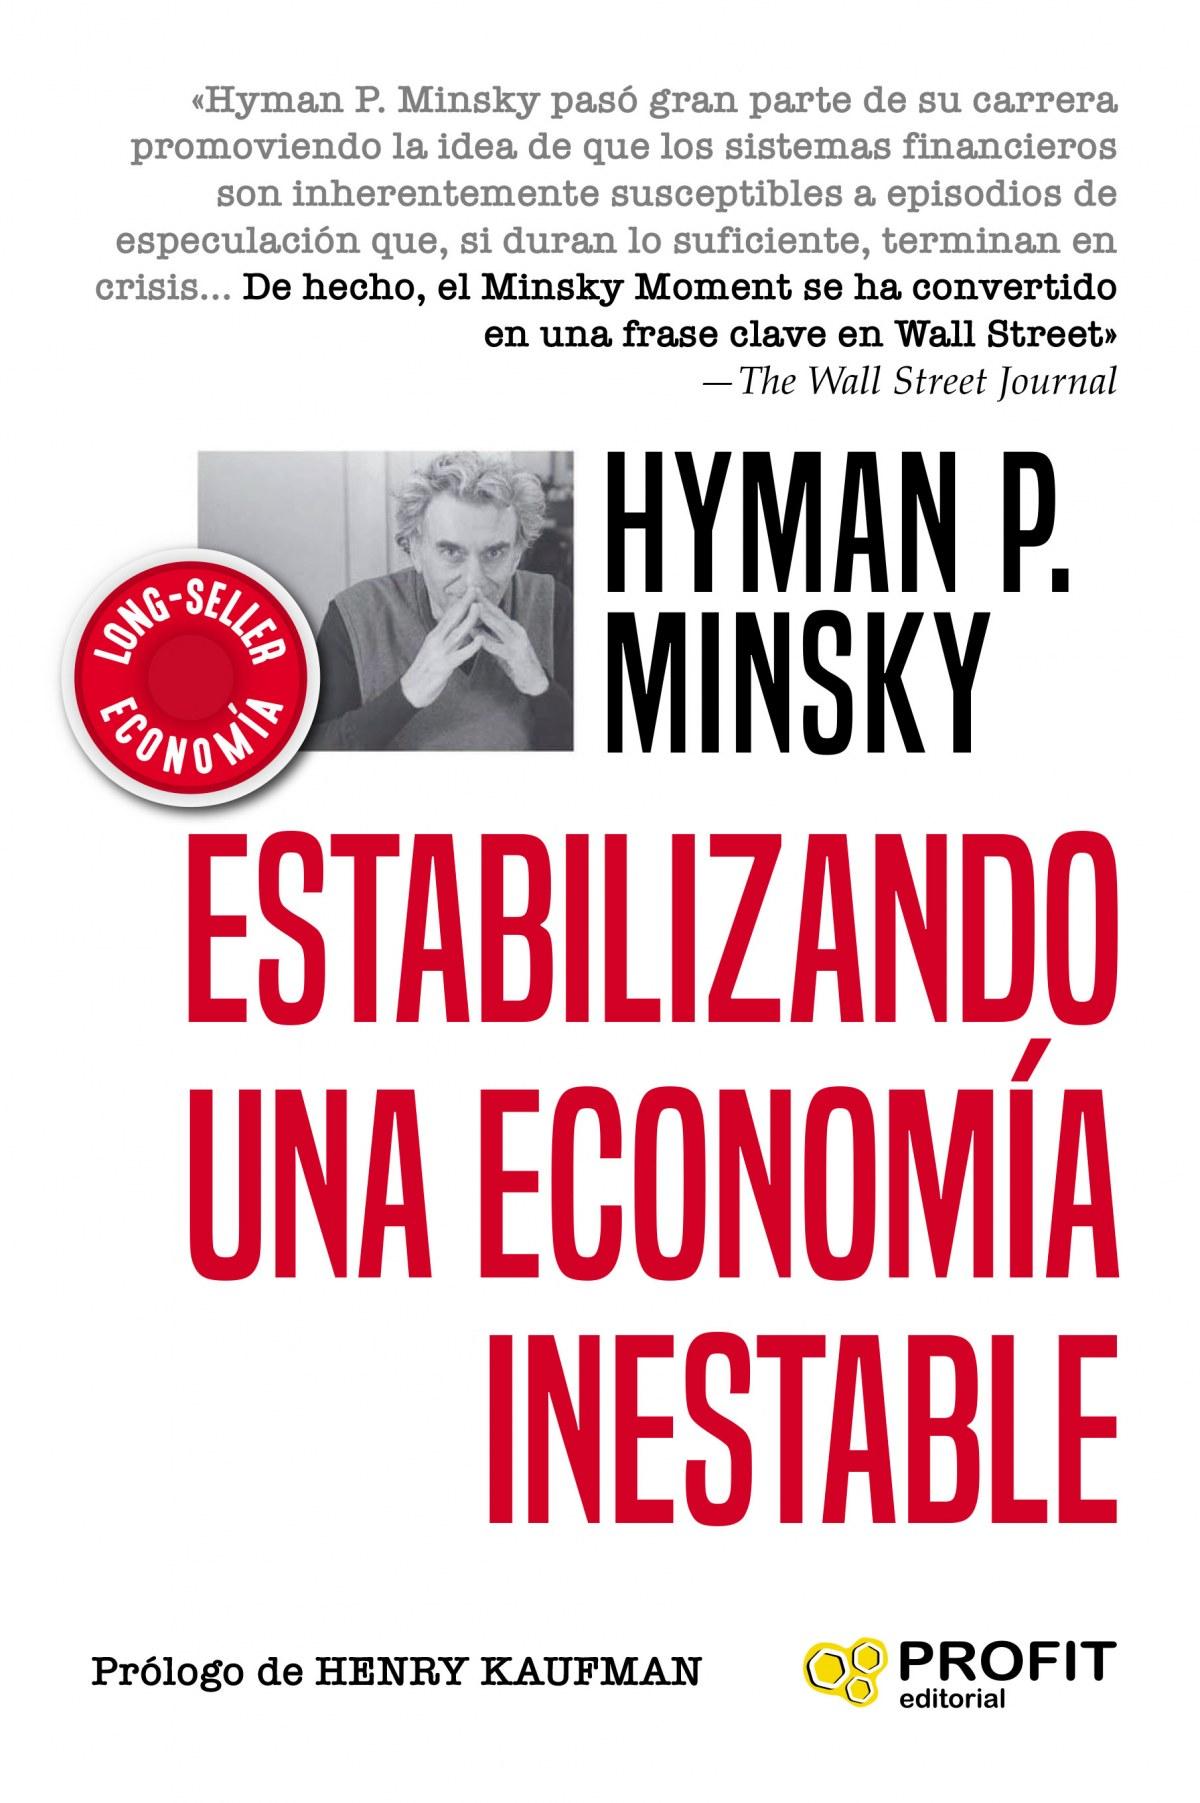 Estabilizando una economia inestable